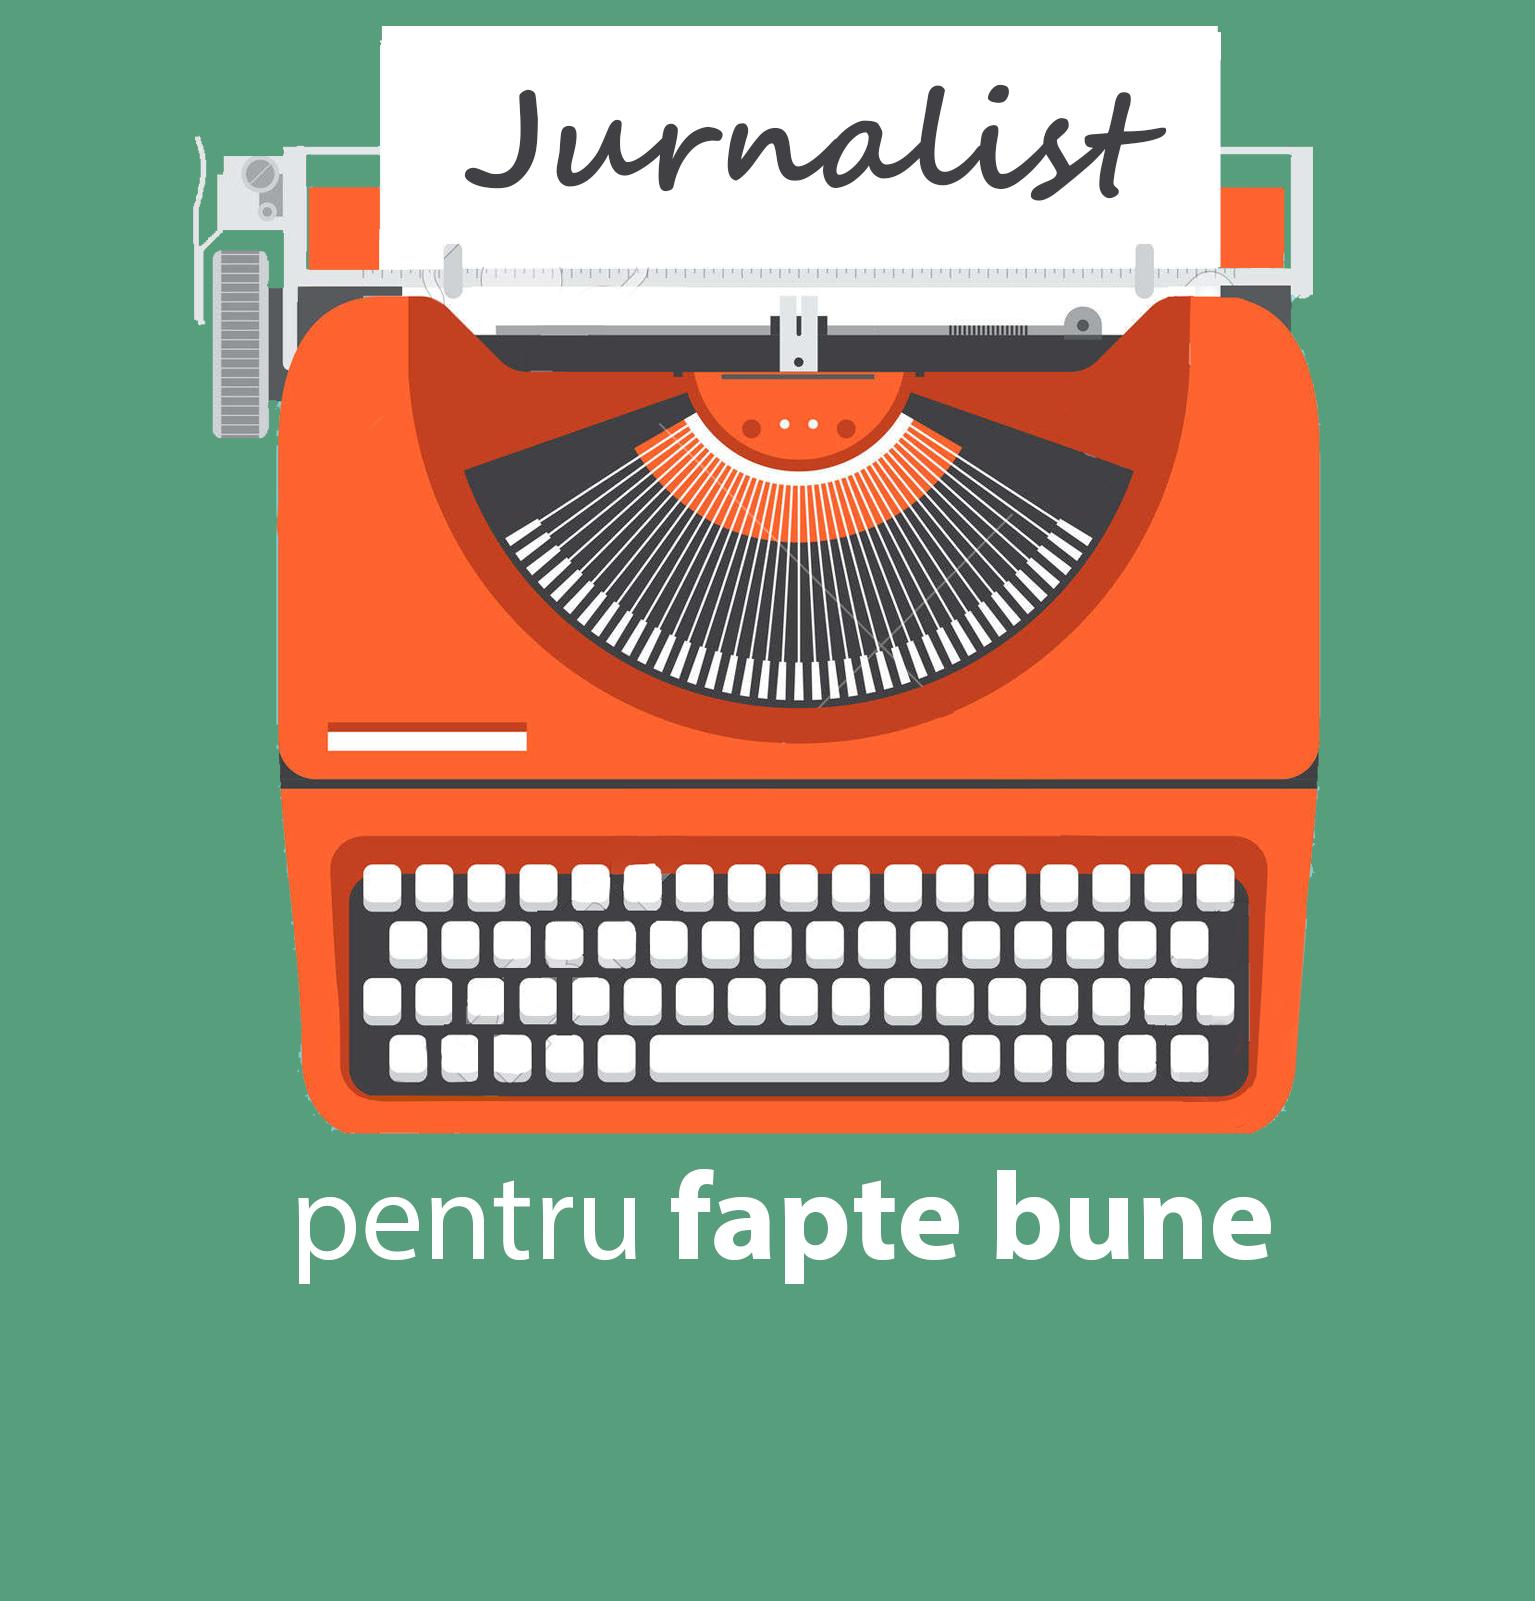 Jurnalist pentru fapte bune